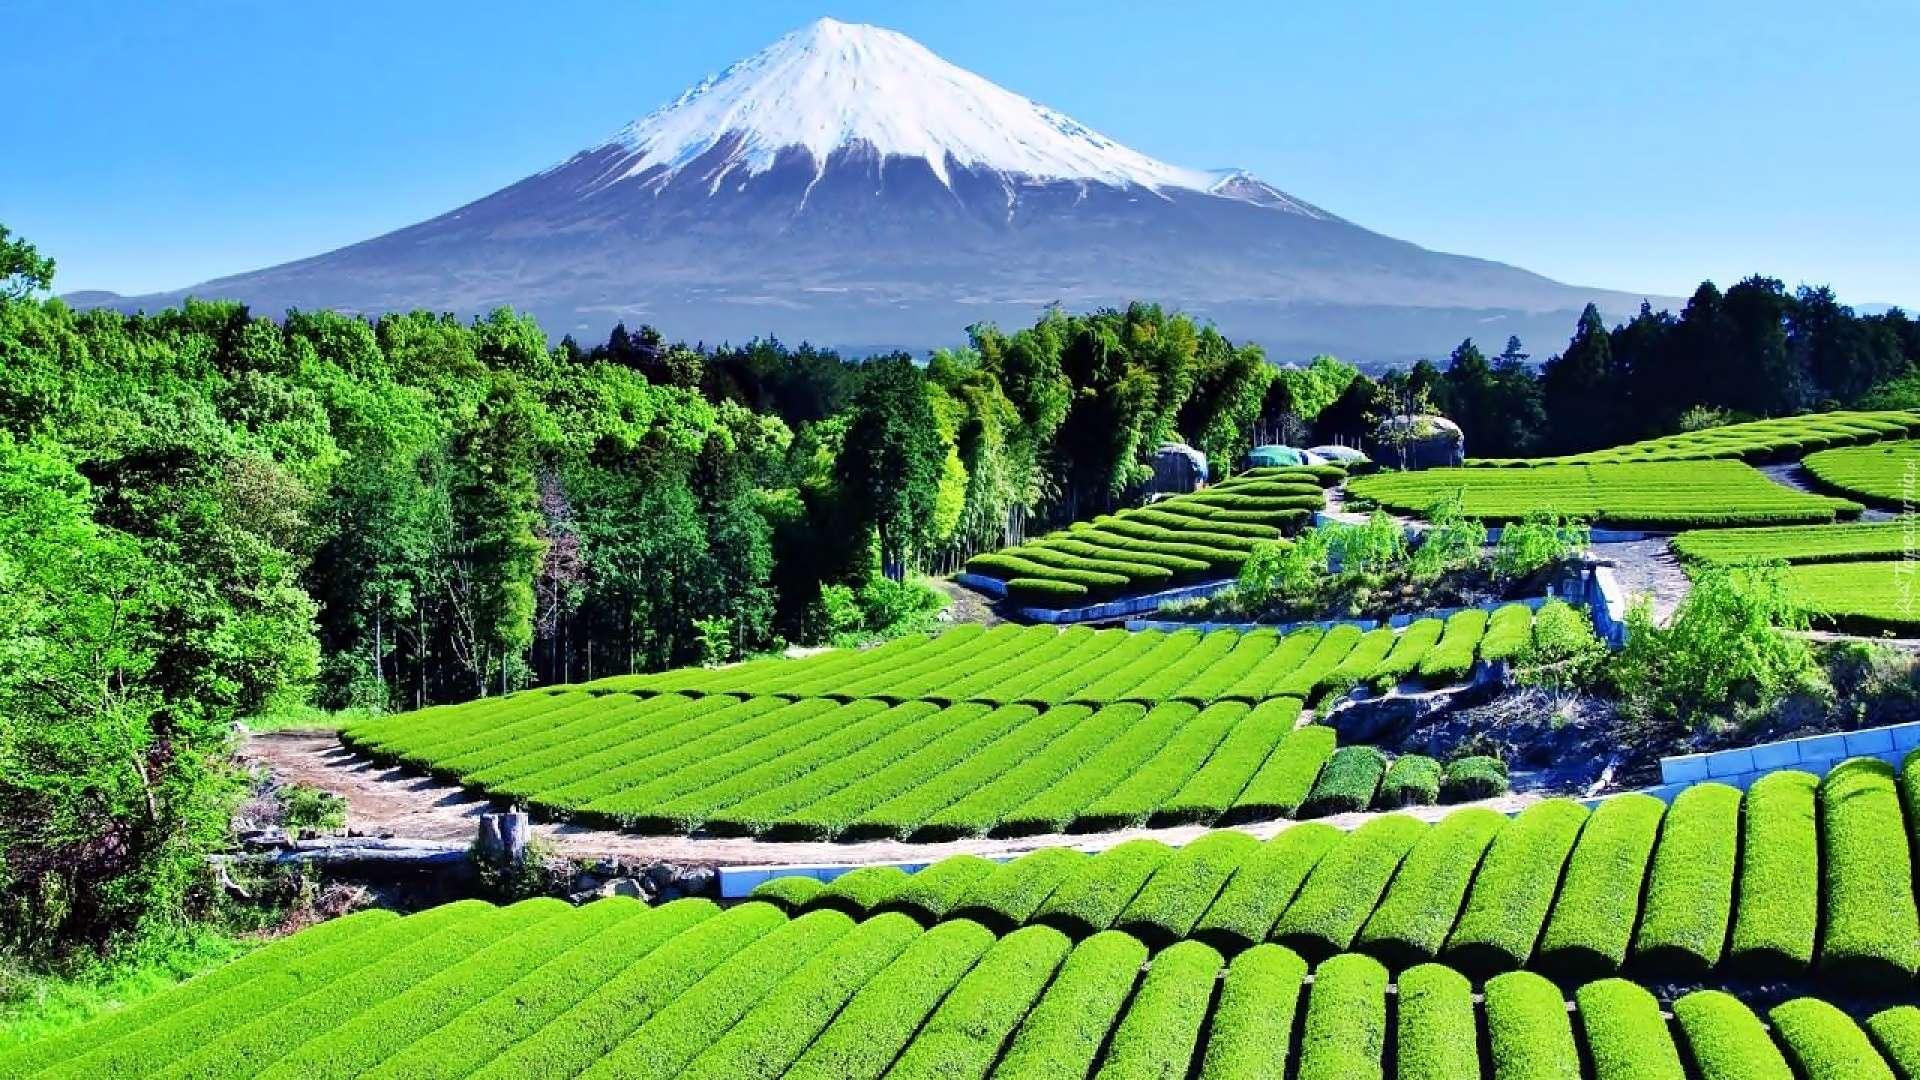 Tham quan Shizuoka – thị trấn yên bình của Nhật